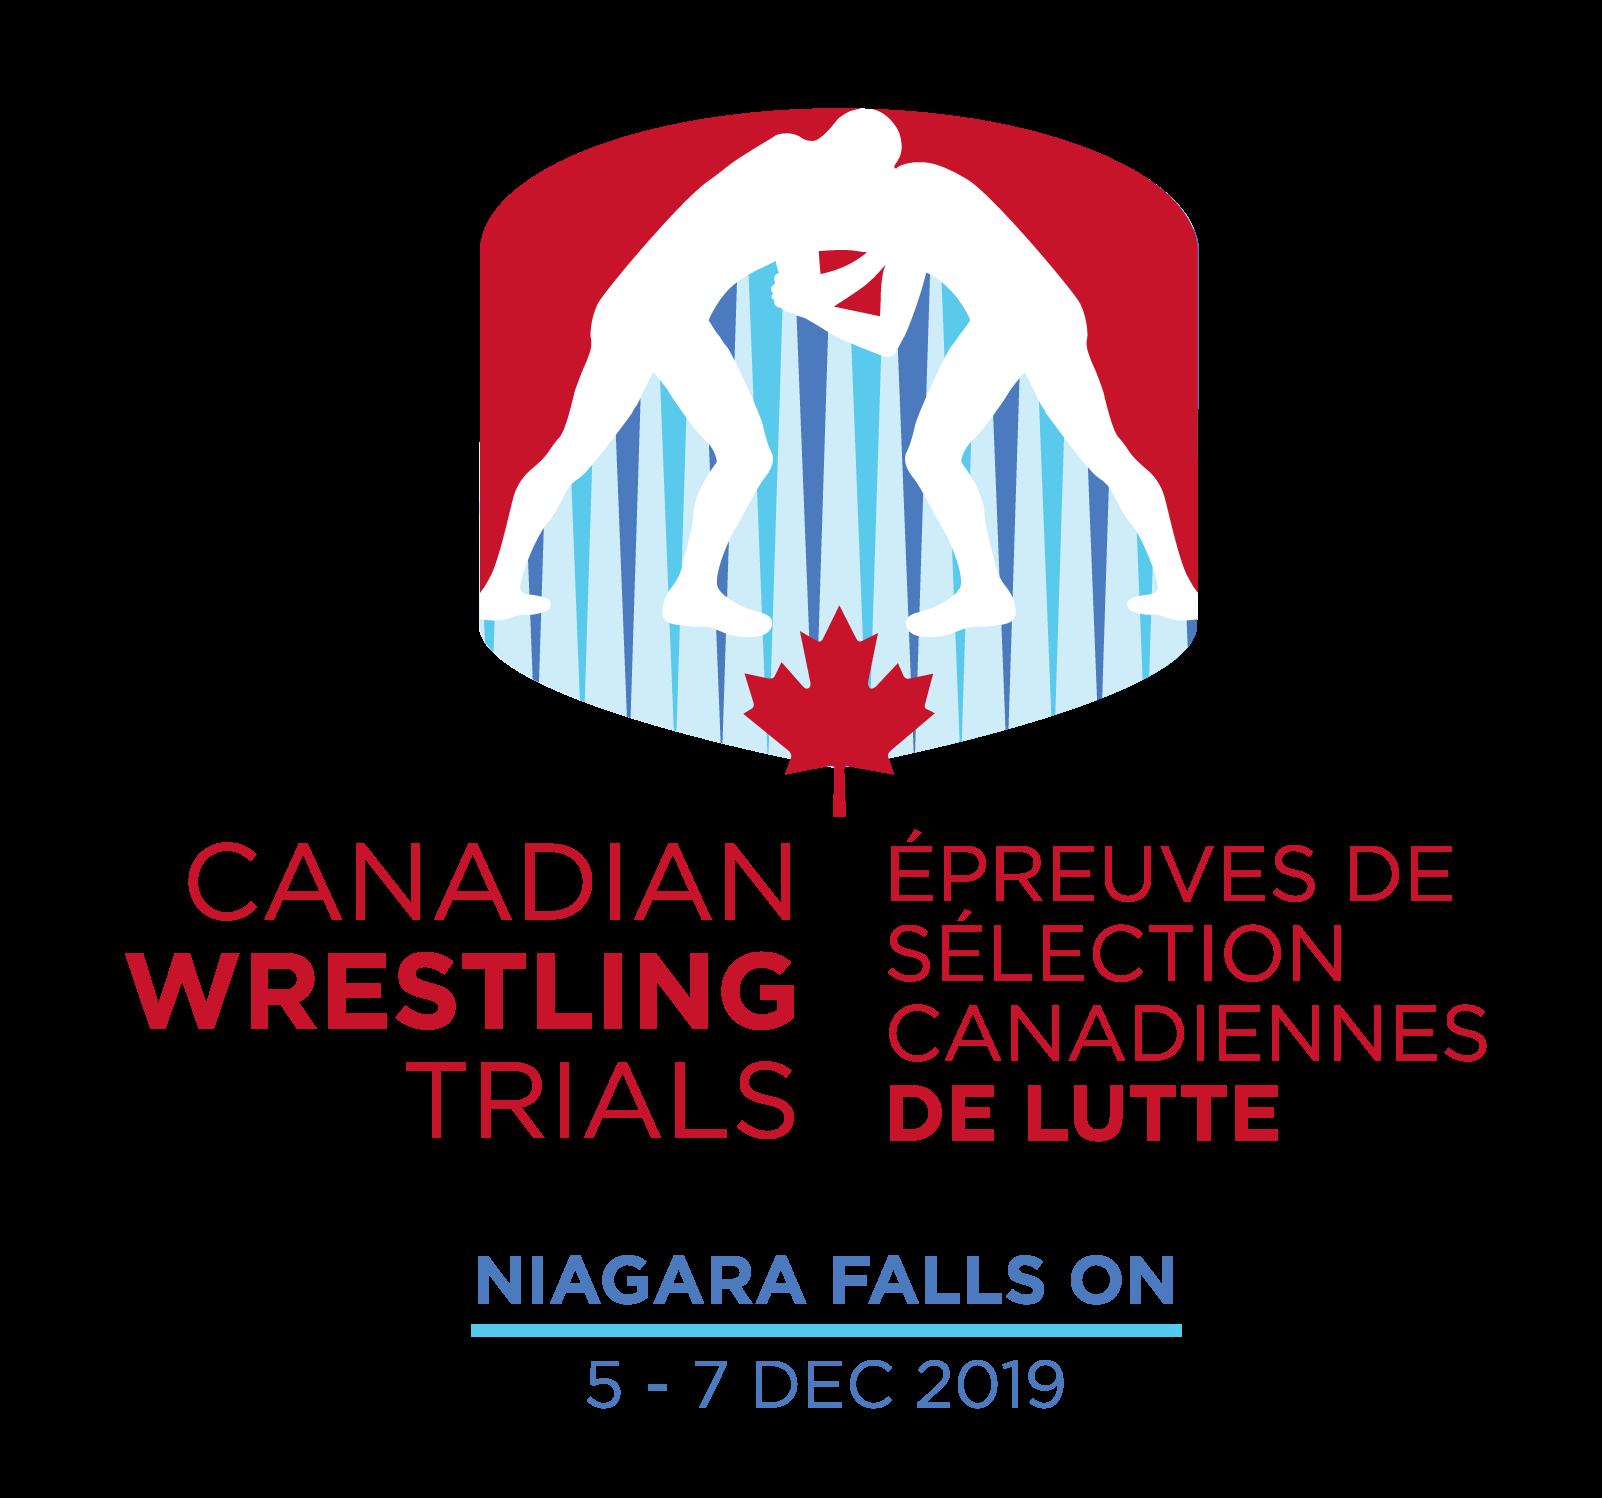 2019 Canadian Wrestling Trials - TRAINING PARTNER REGISTRATION